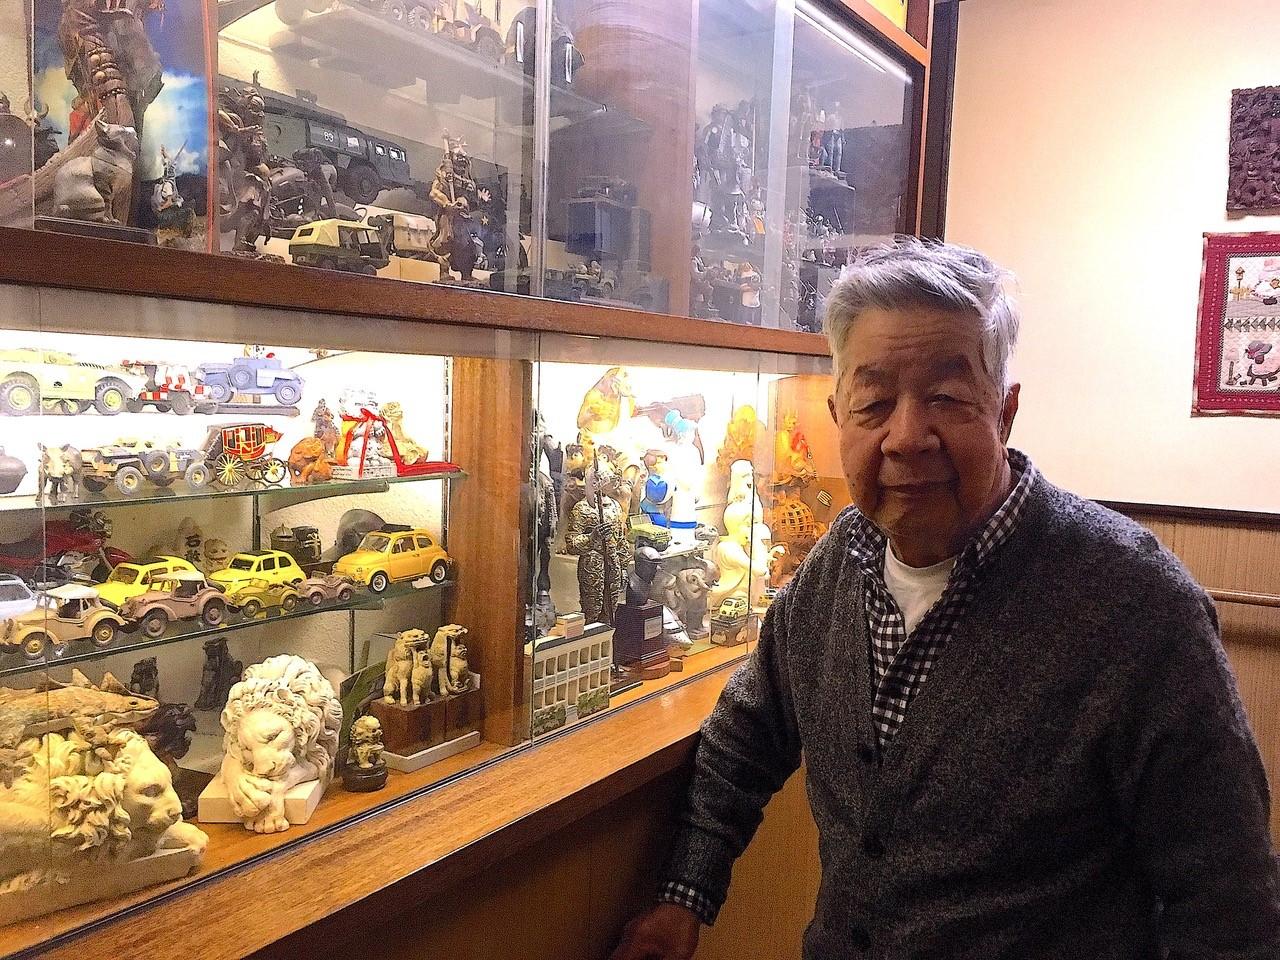 写真・図版 : 大塚康生さんのご自宅玄関のギャラリーはコレクションと自作模型がぎっしりだった=2018年、撮影・筆者